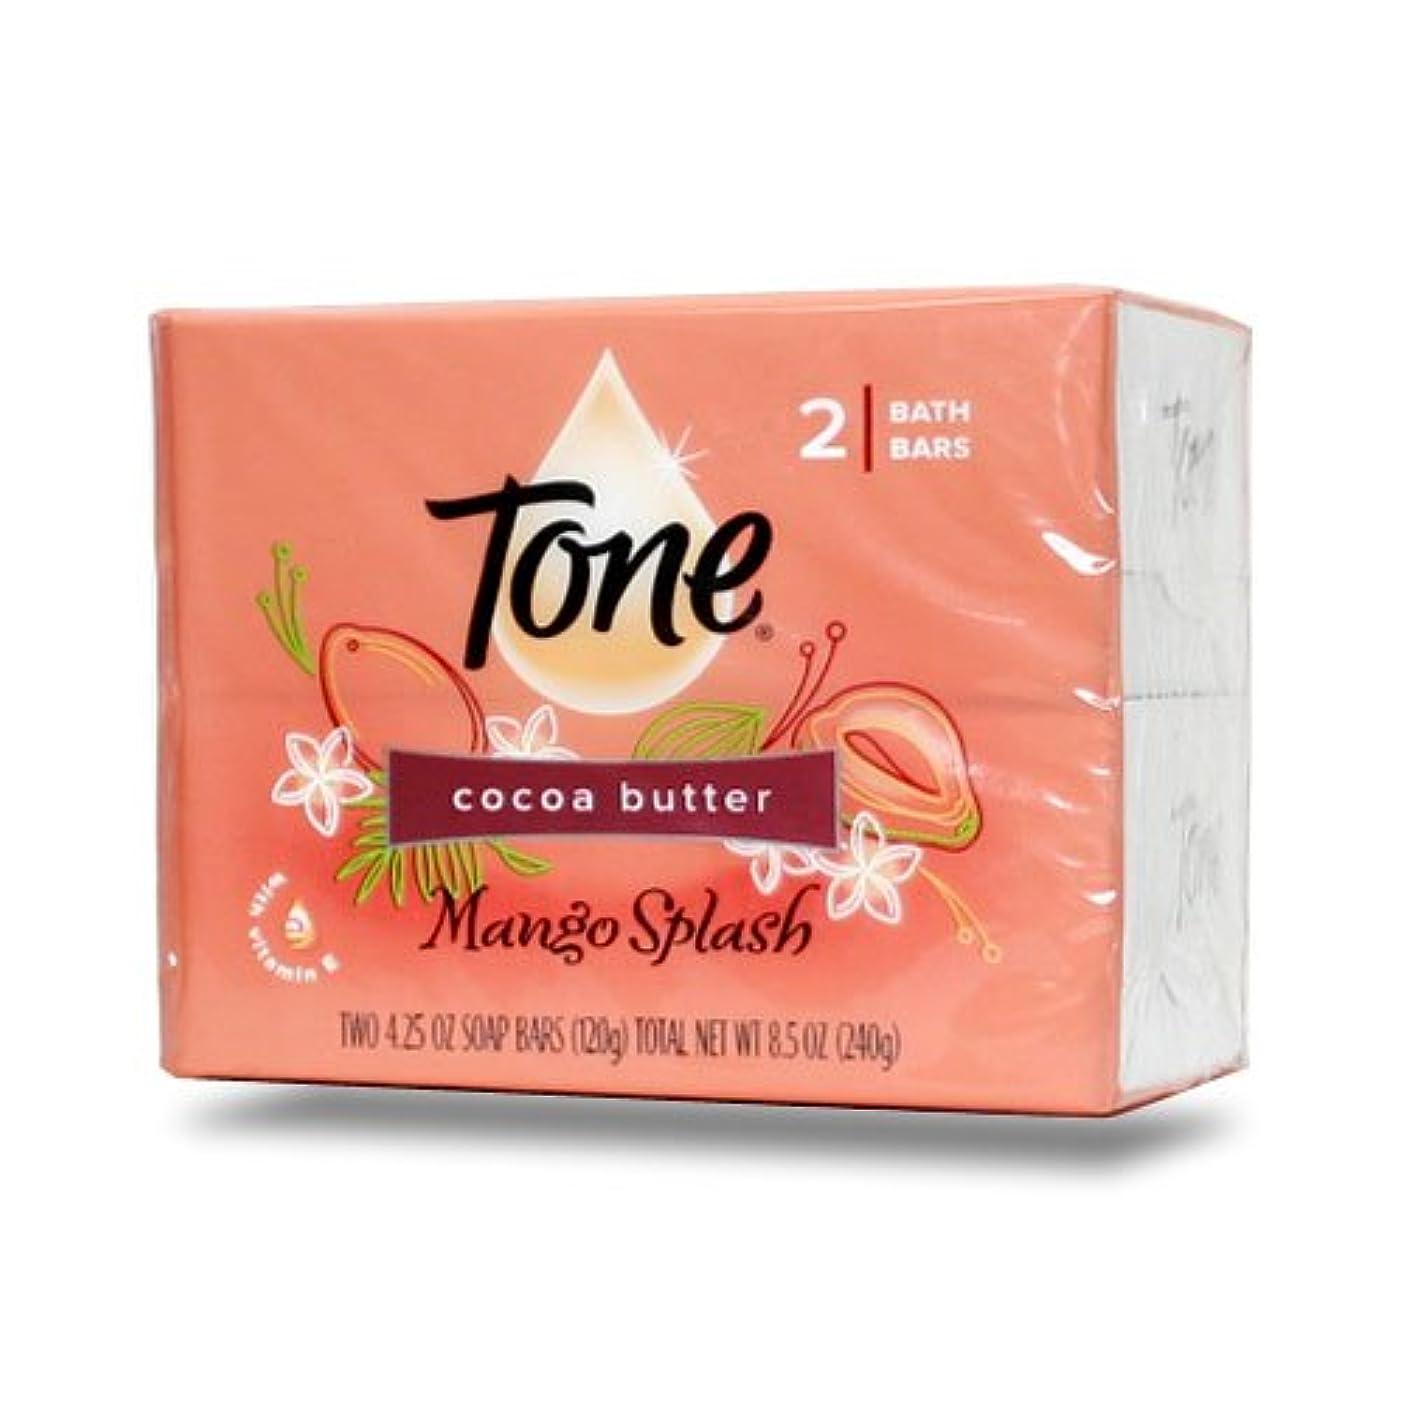 機密色合い心配【Tone】トーン石鹸(マンゴスプラッシュ)120g×2個パック